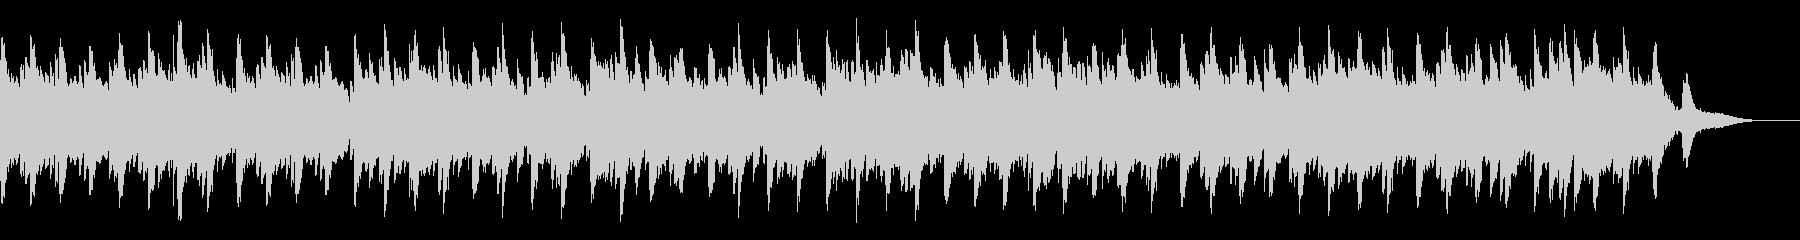 ゆったりとしたピアノソロ曲(6/8拍子)の未再生の波形